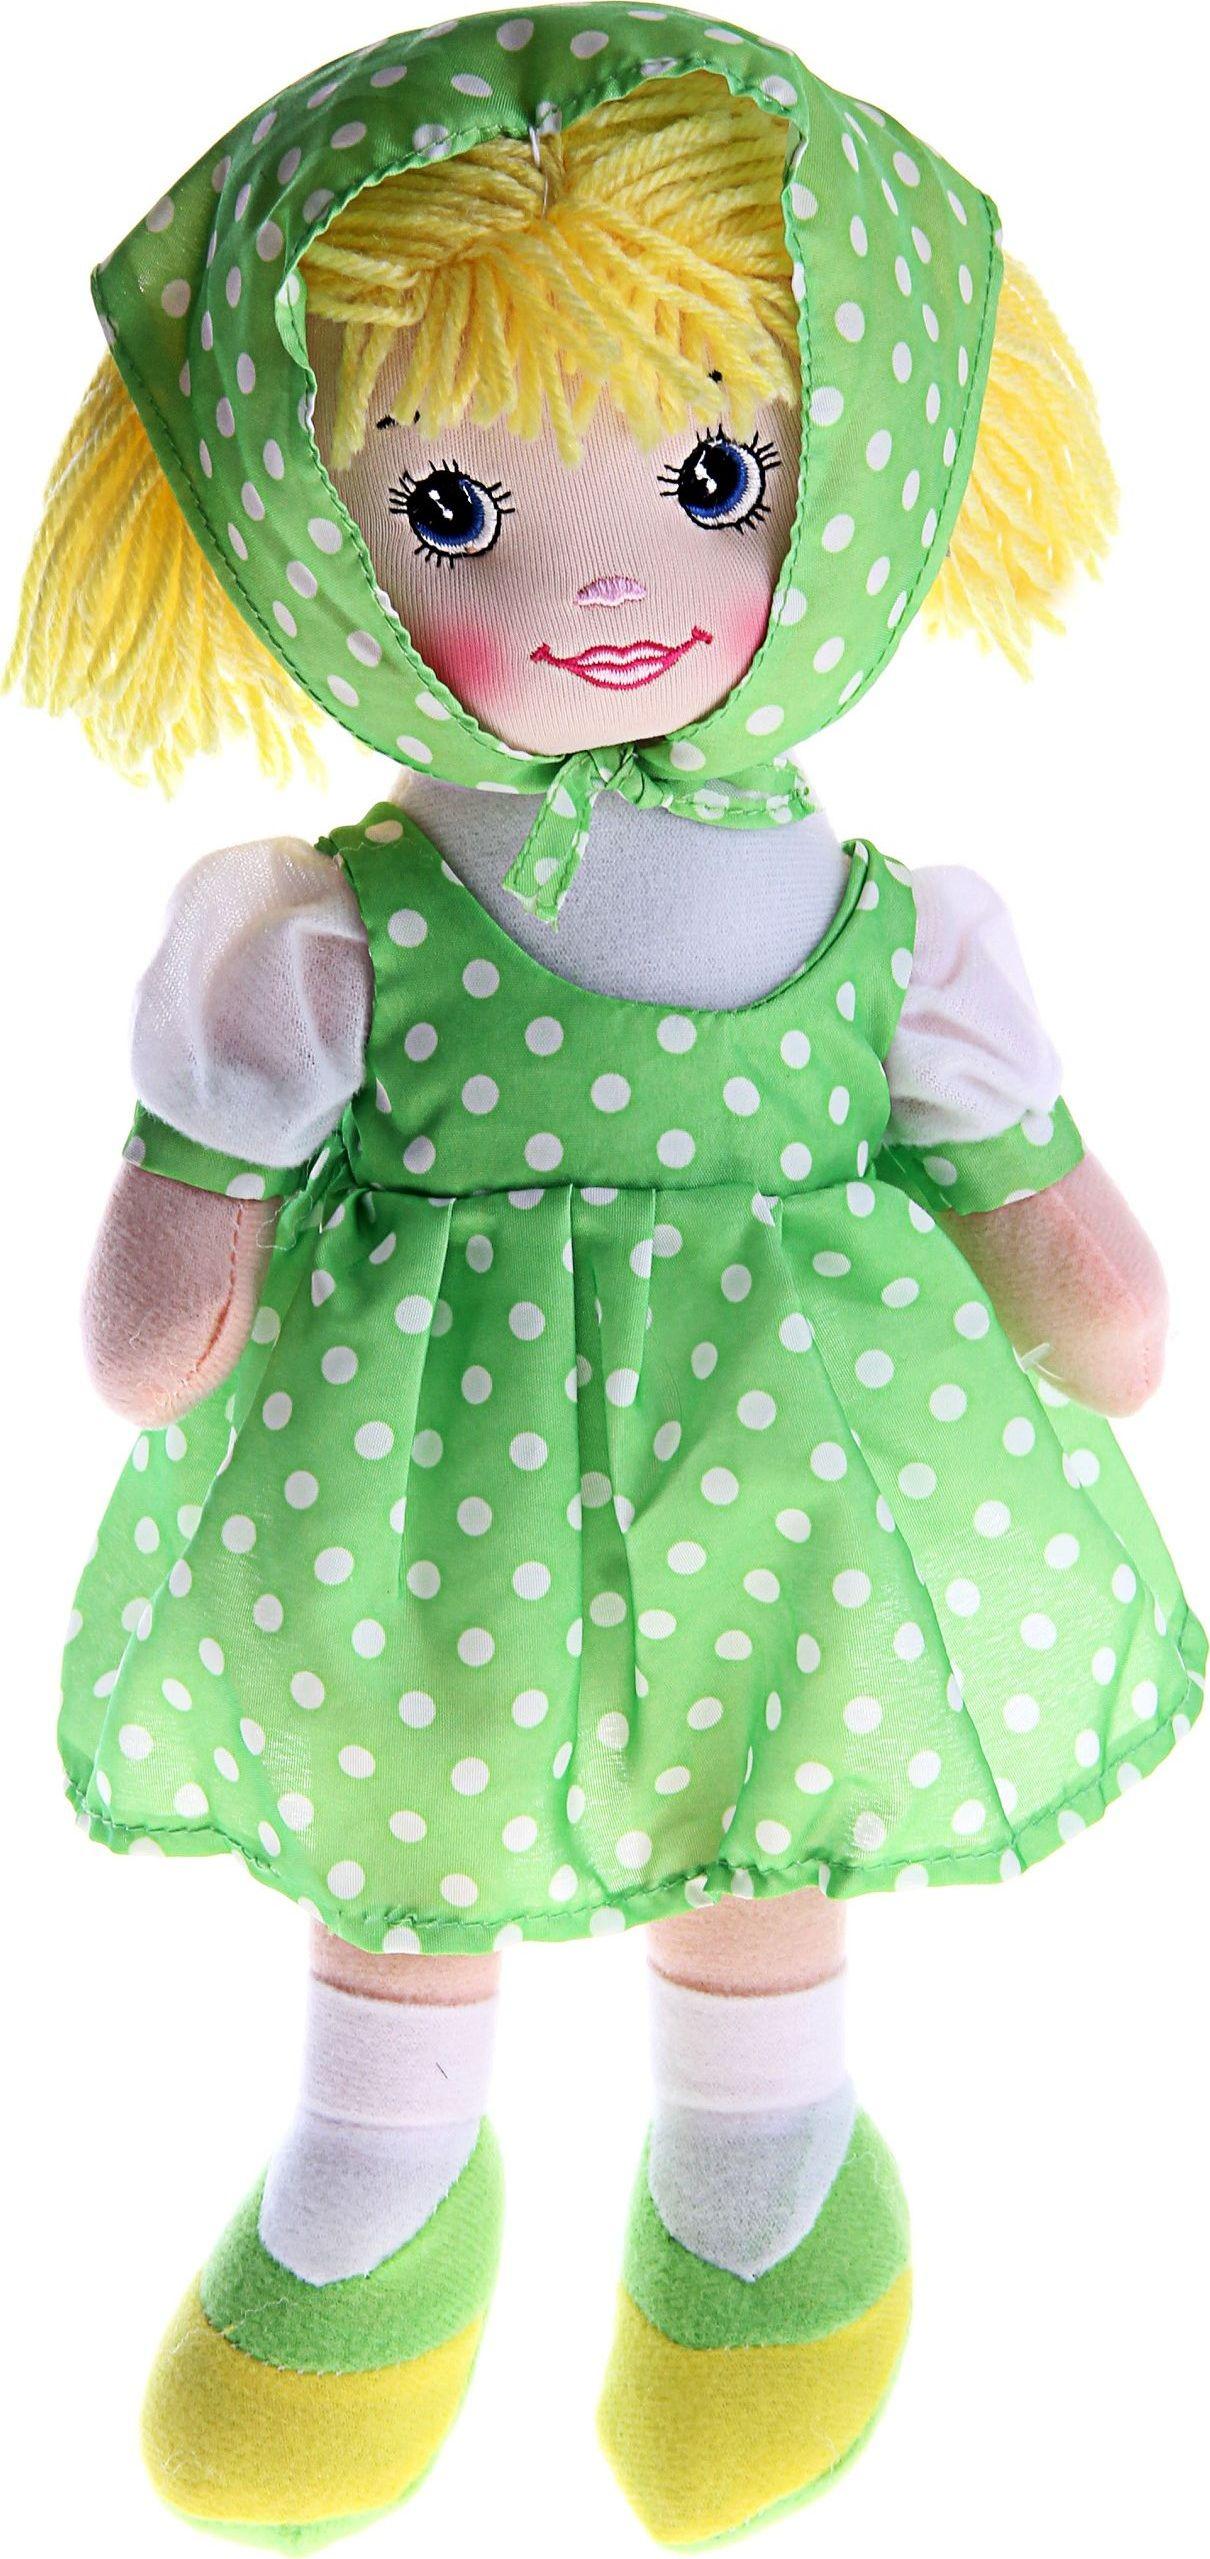 Sima-land Мягкая кукла Ксюша в косынке и зеленом платье 330350 sima land мягкая кукла оля с держателем и полотенцем цвет желтый